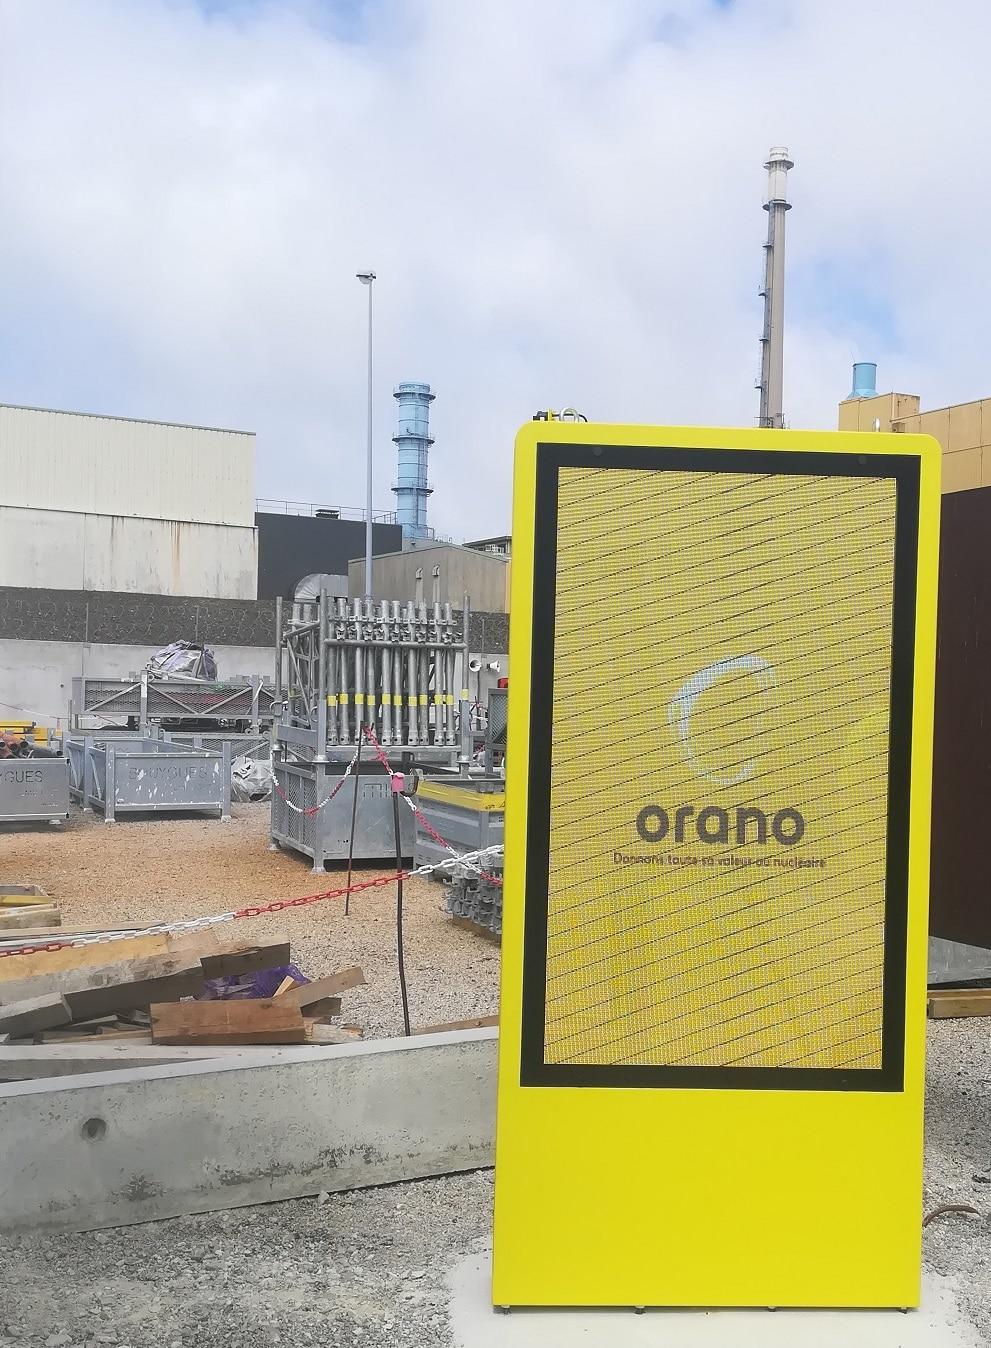 Ledoneo installe plusieurs totems extérieurs à Orano sur le site de la Hague